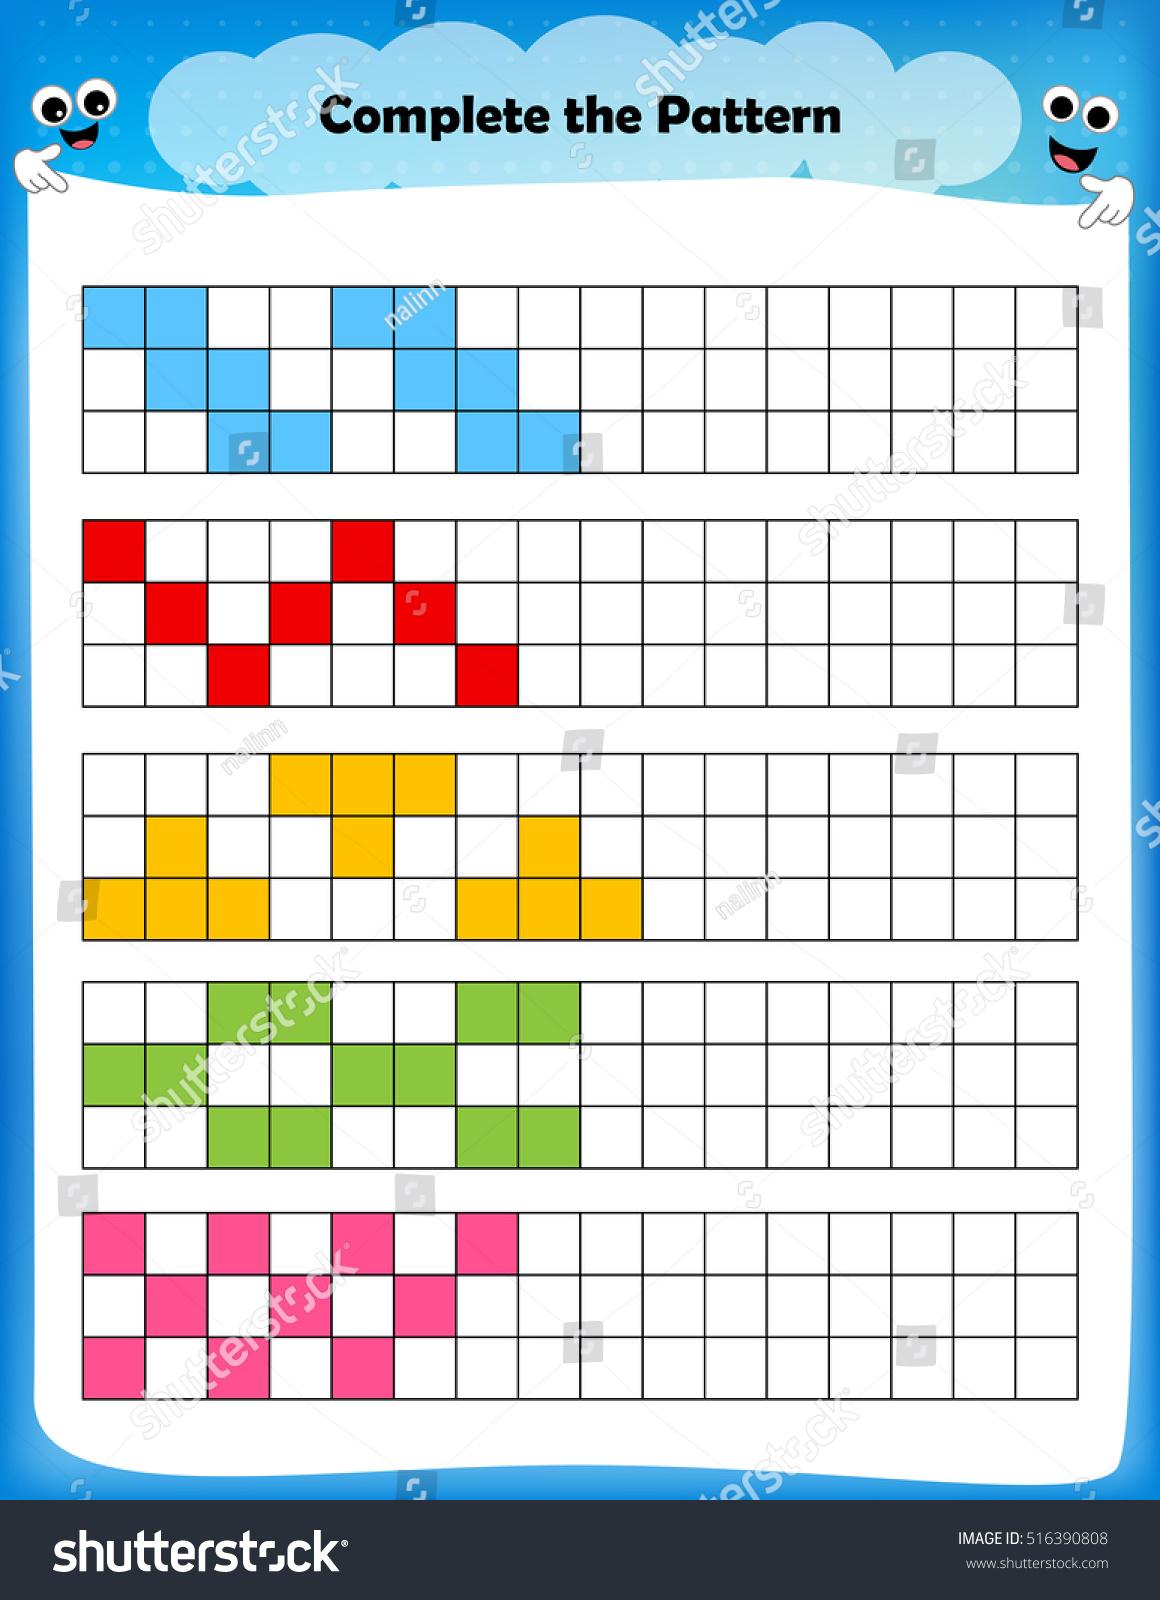 Worksheet Complete Pattern Worksheet Preschool Kids Stock